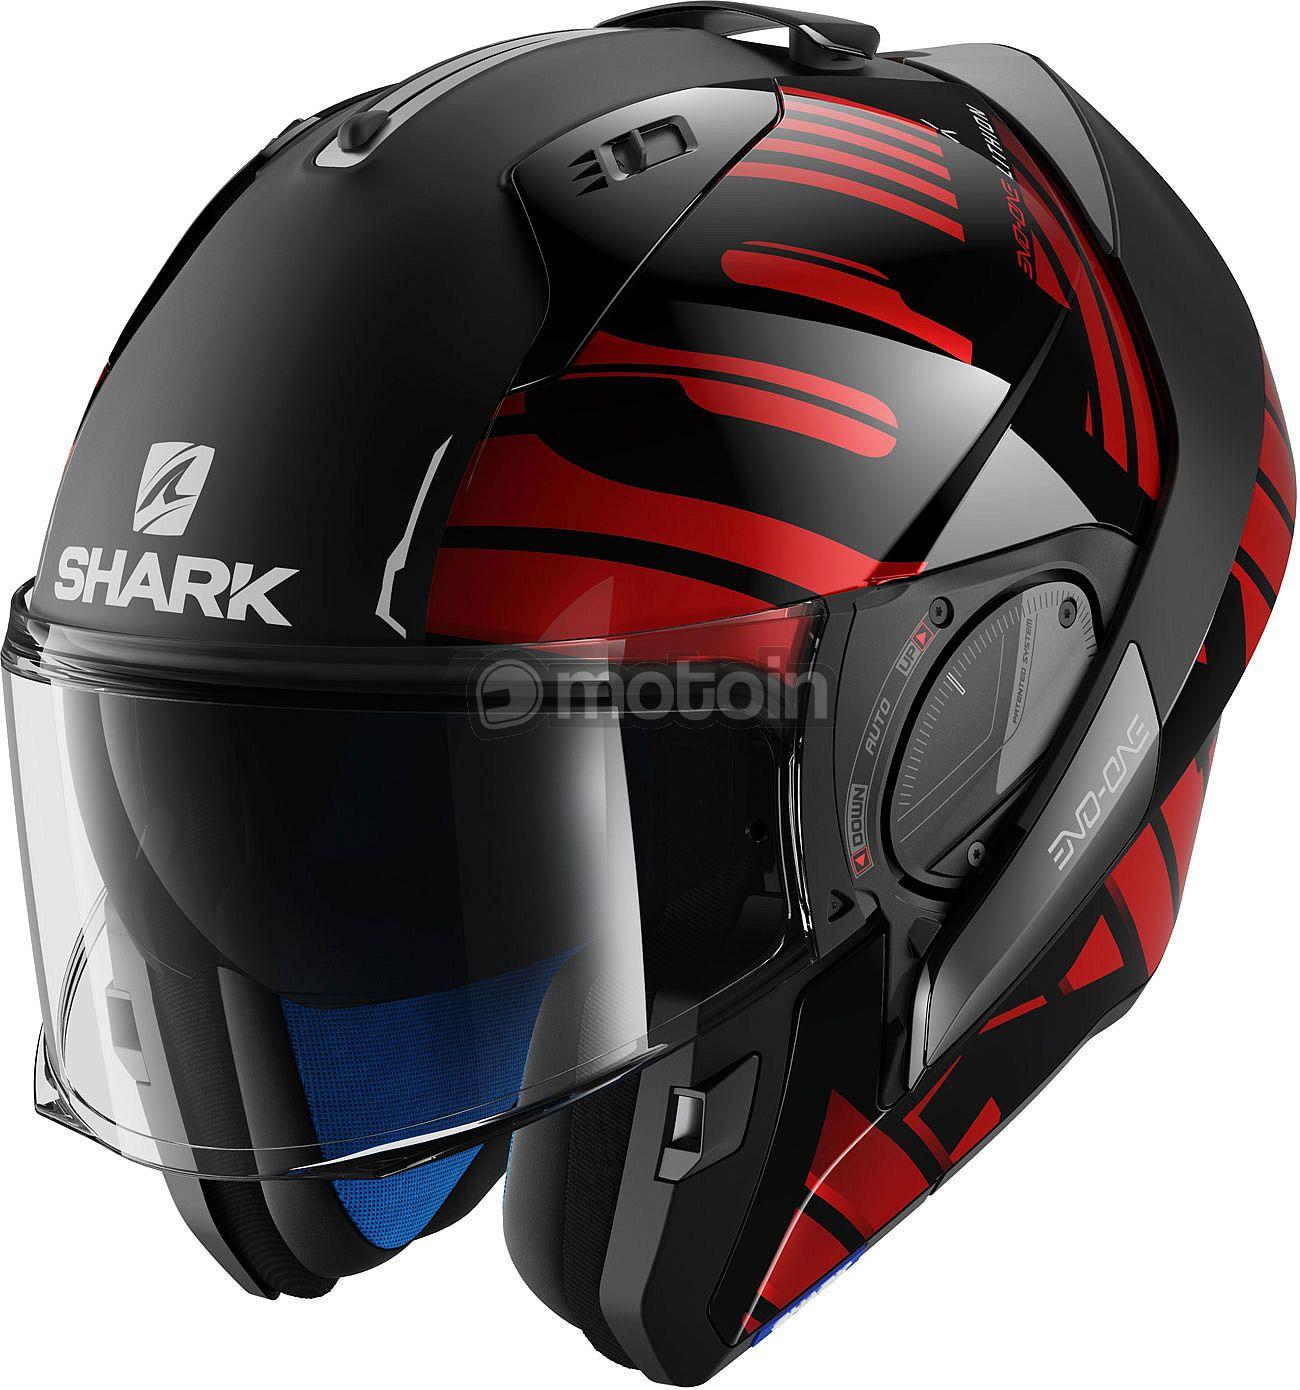 Shark Evo-One 2 Lithion, modular helmet - motoin de